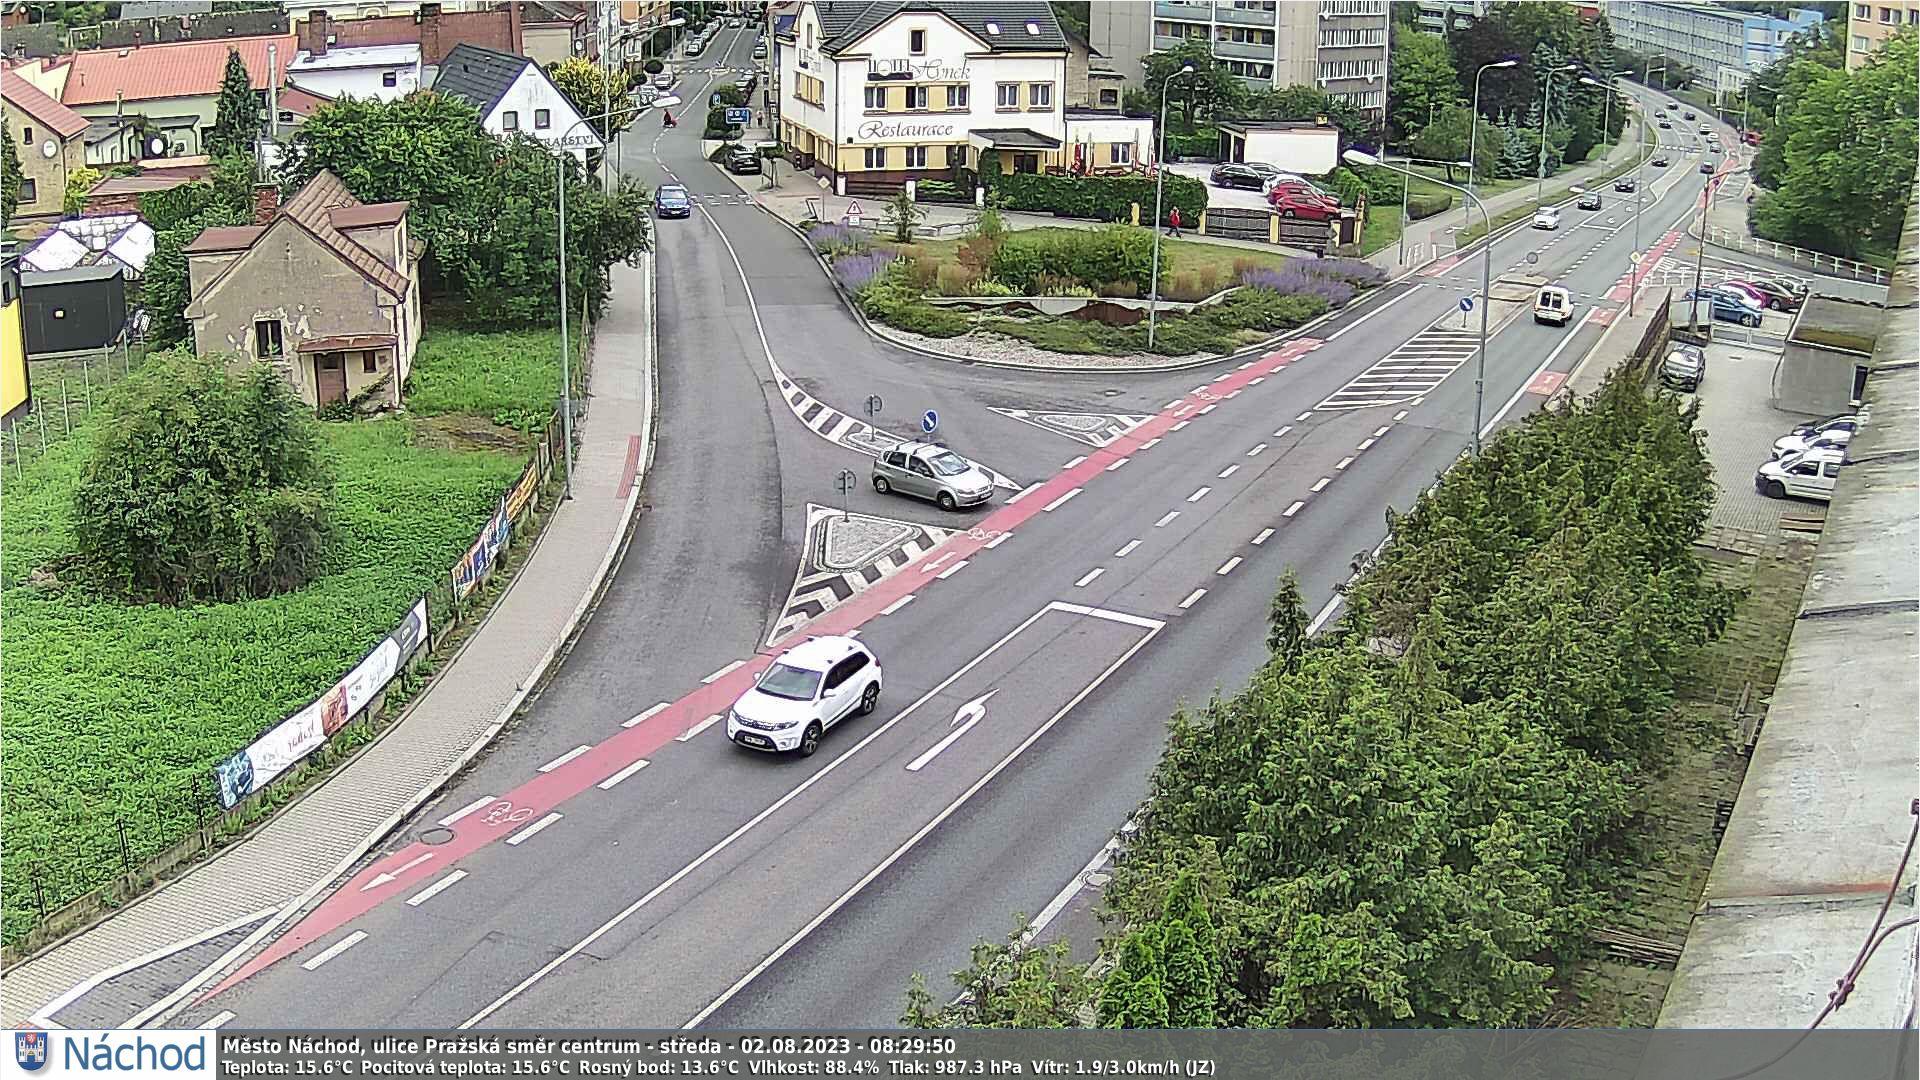 Webkamerka - Náchod, Bartoň směrem do centra